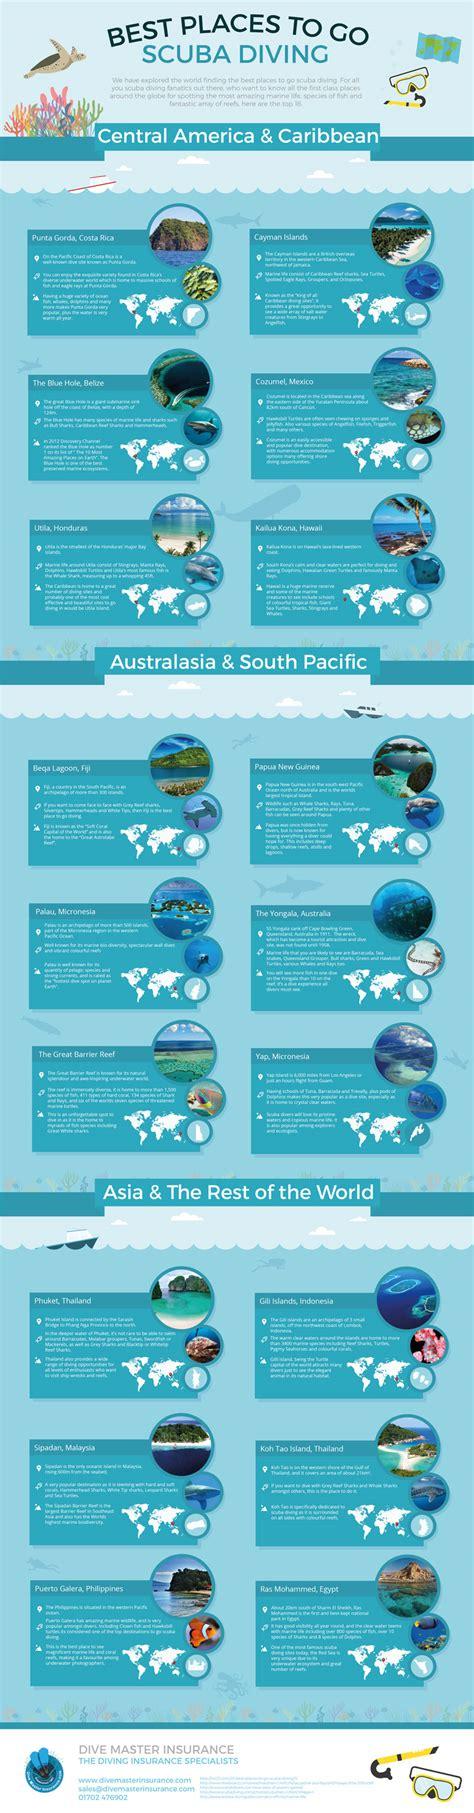 best place to scuba dive infographic best places to go scuba diving